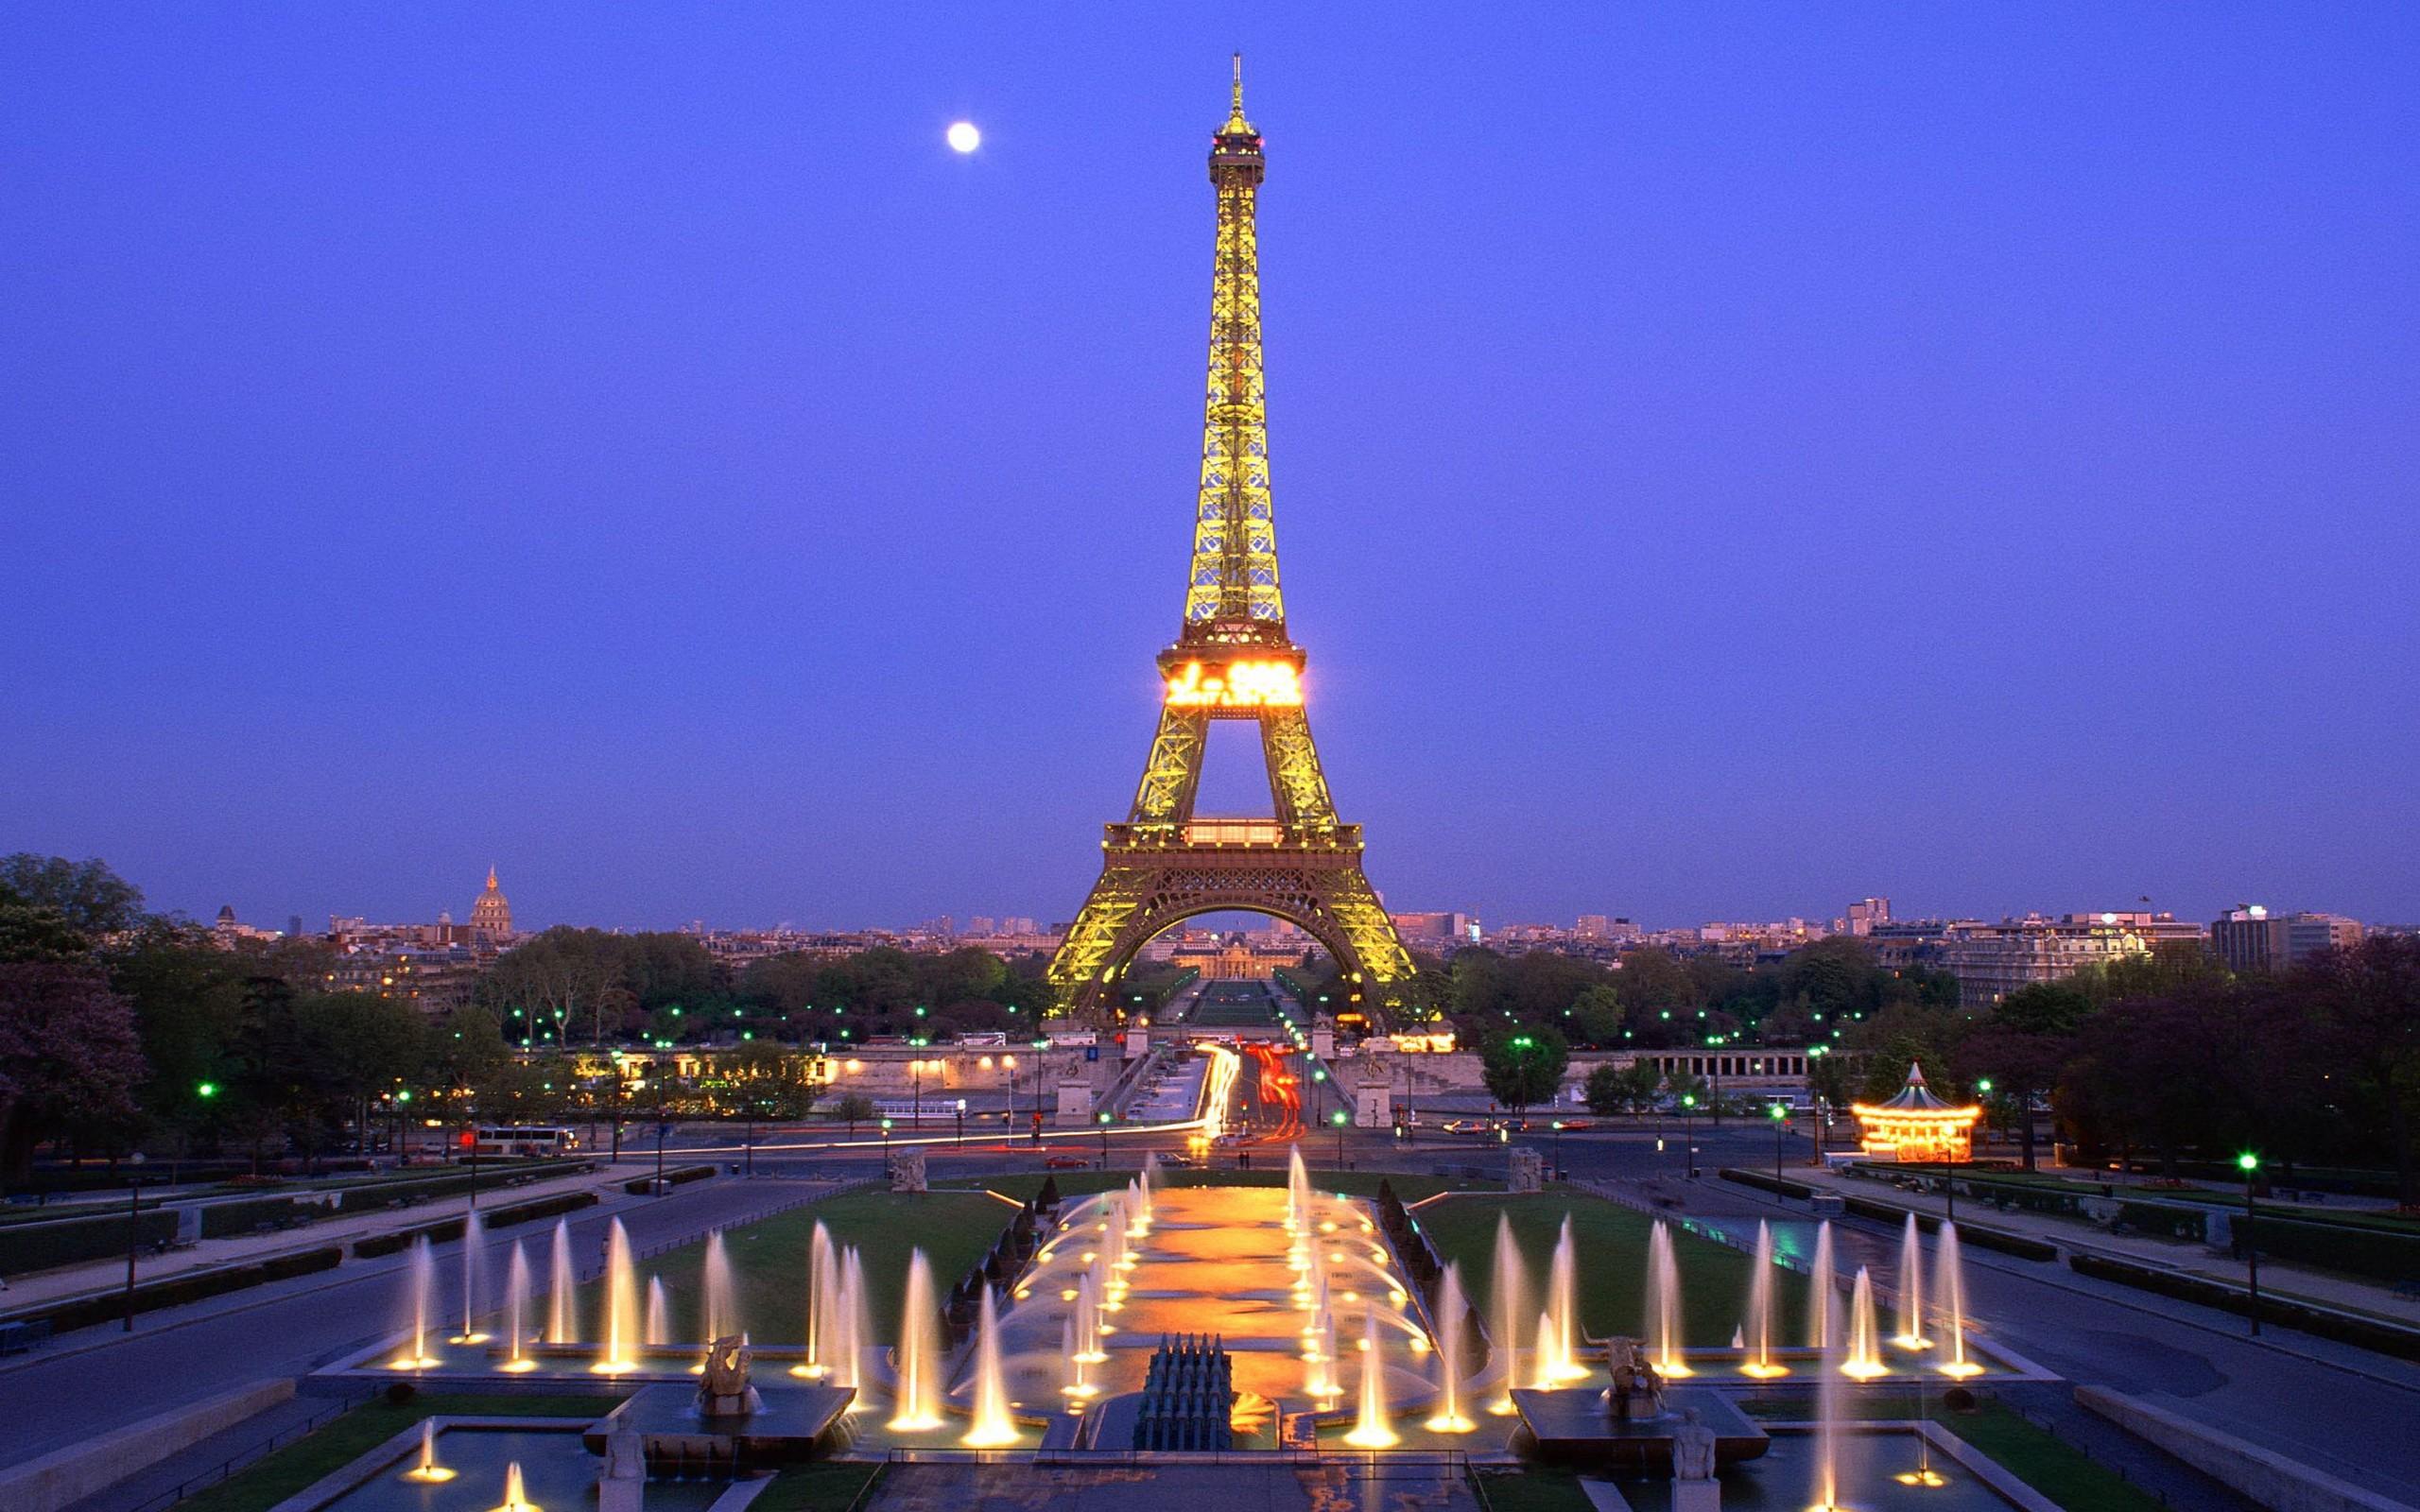 Paris meilleure que Londres pour attirer les riches chinois